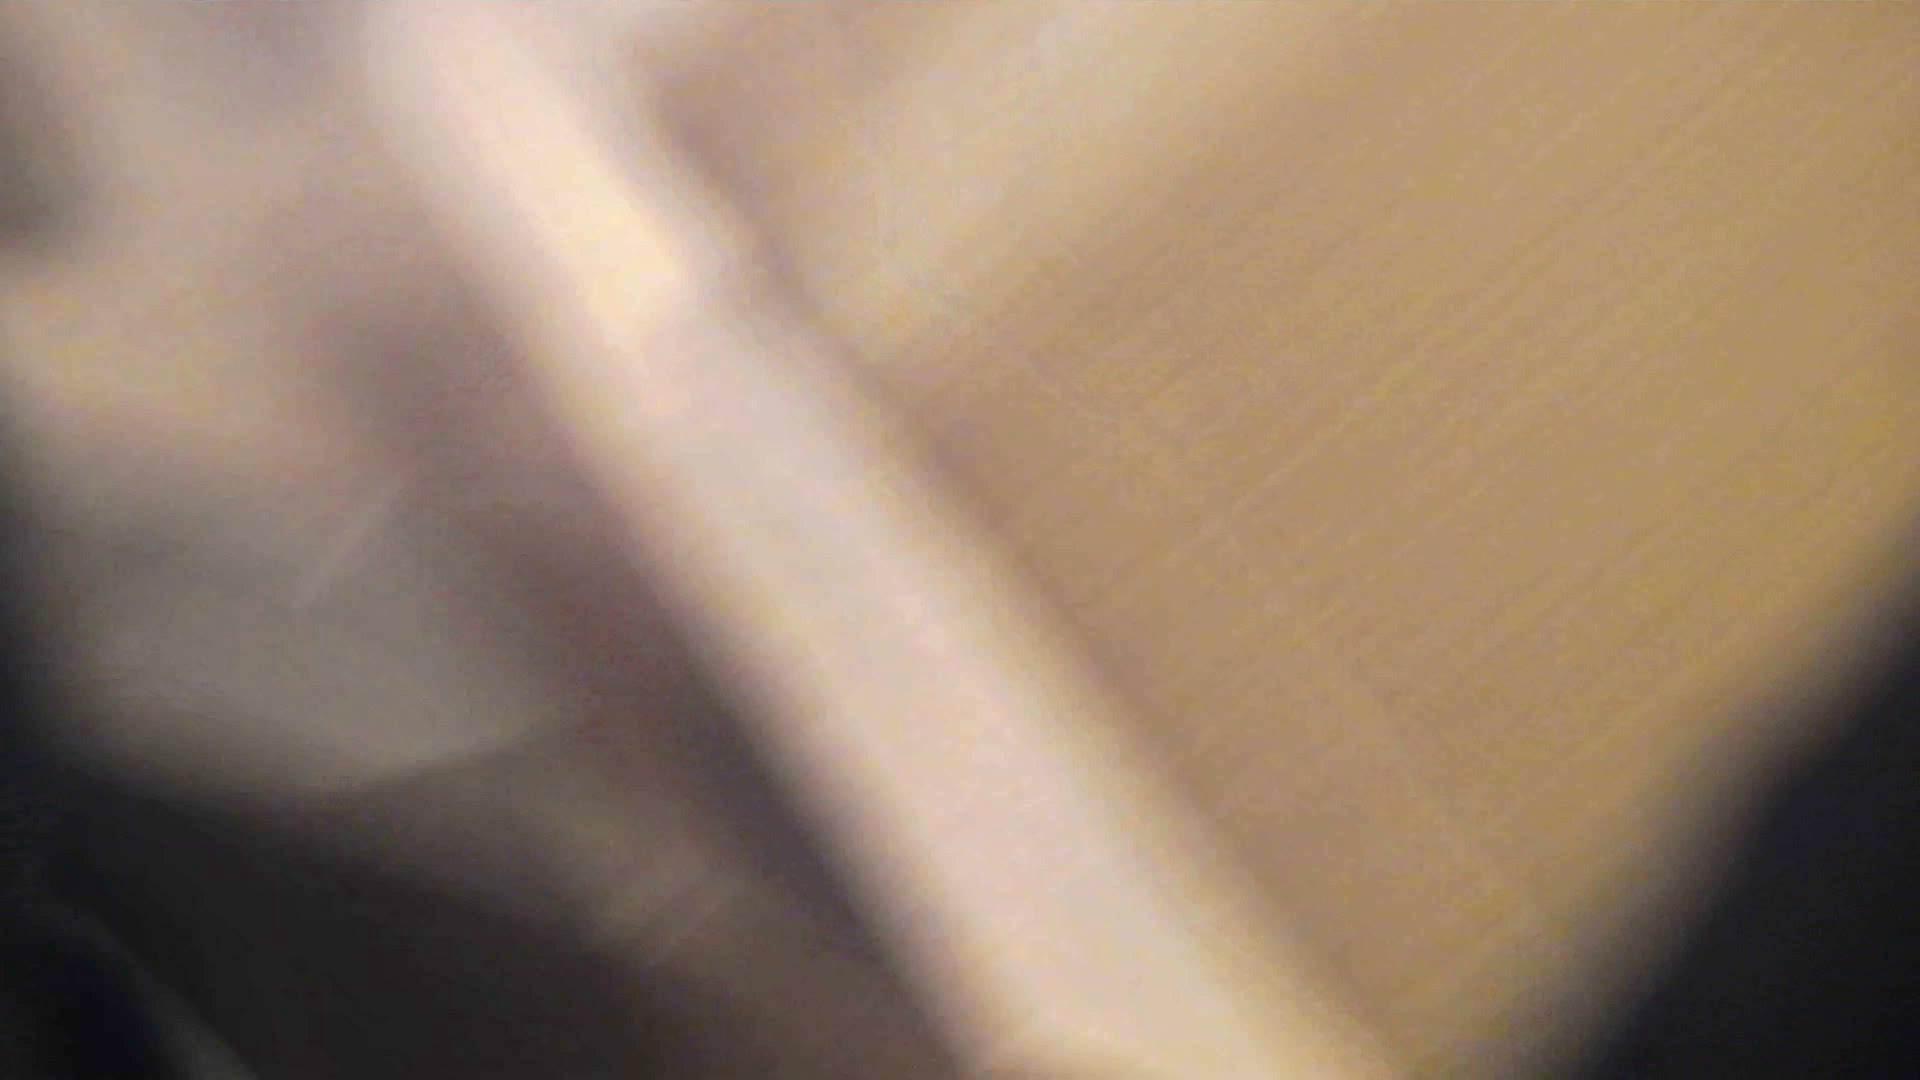 阿国ちゃんの「和式洋式七変化」No.12 和式 | 洗面所着替え  101連発 27